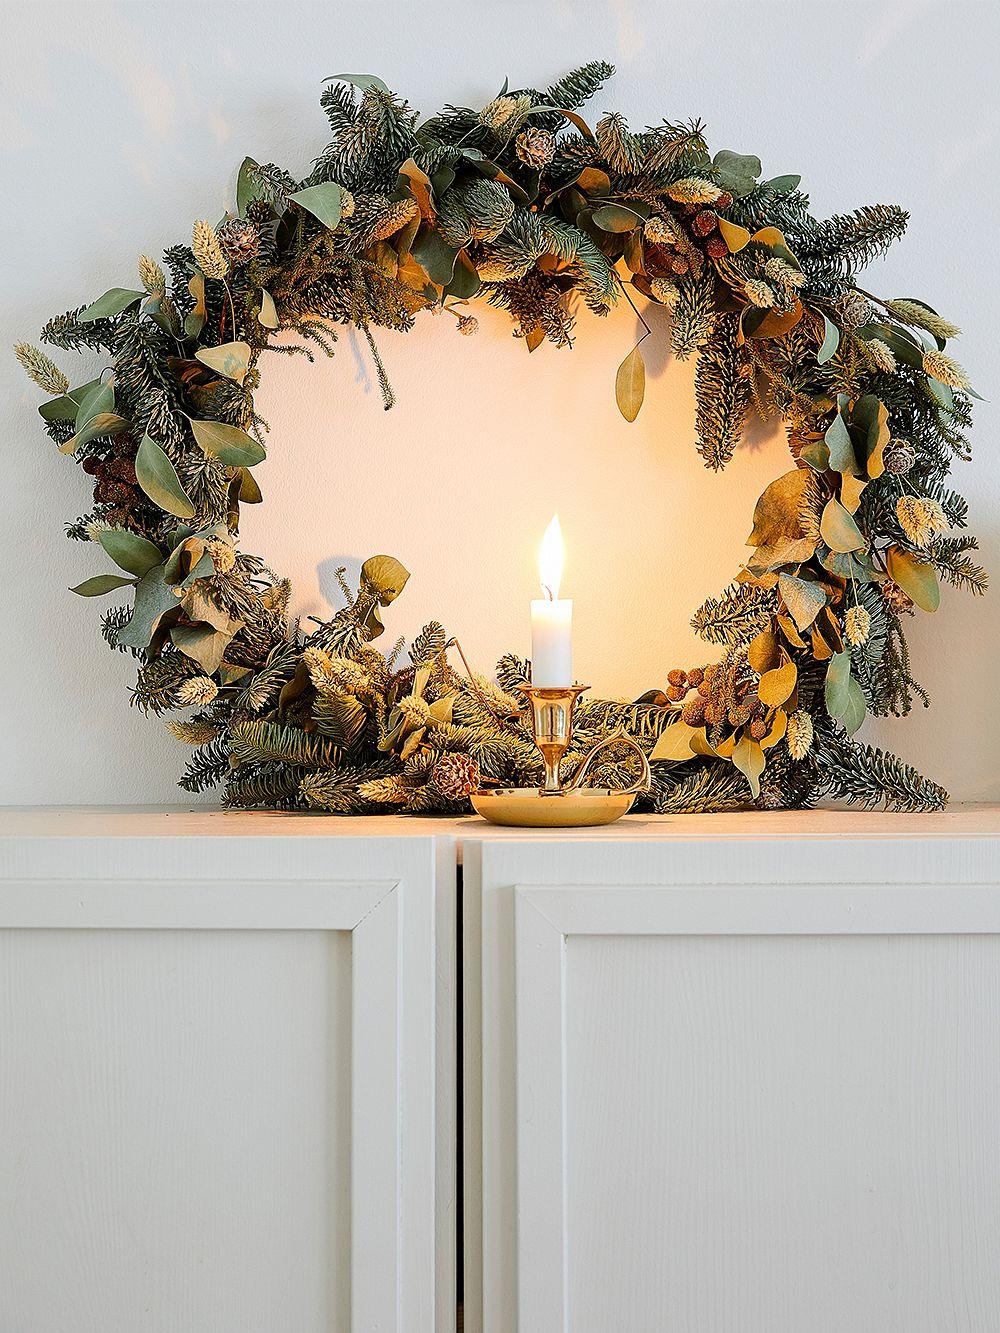 Joulukranssi eukalyptyksesta ja havuista